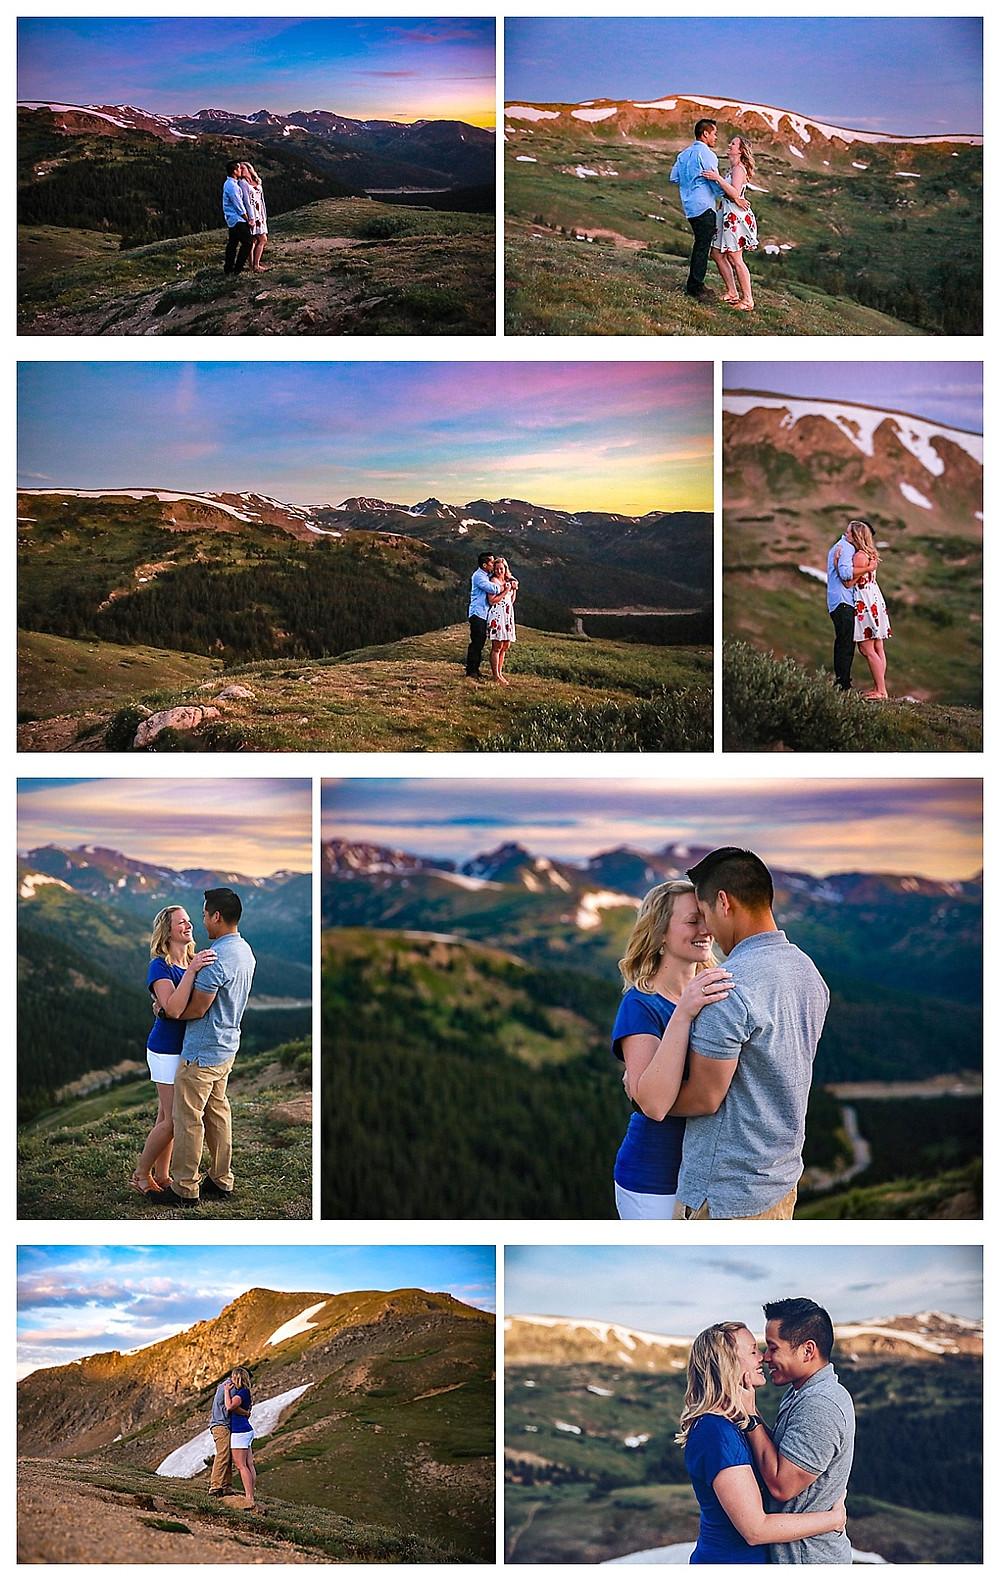 Loveland Pass Wedding Photographer